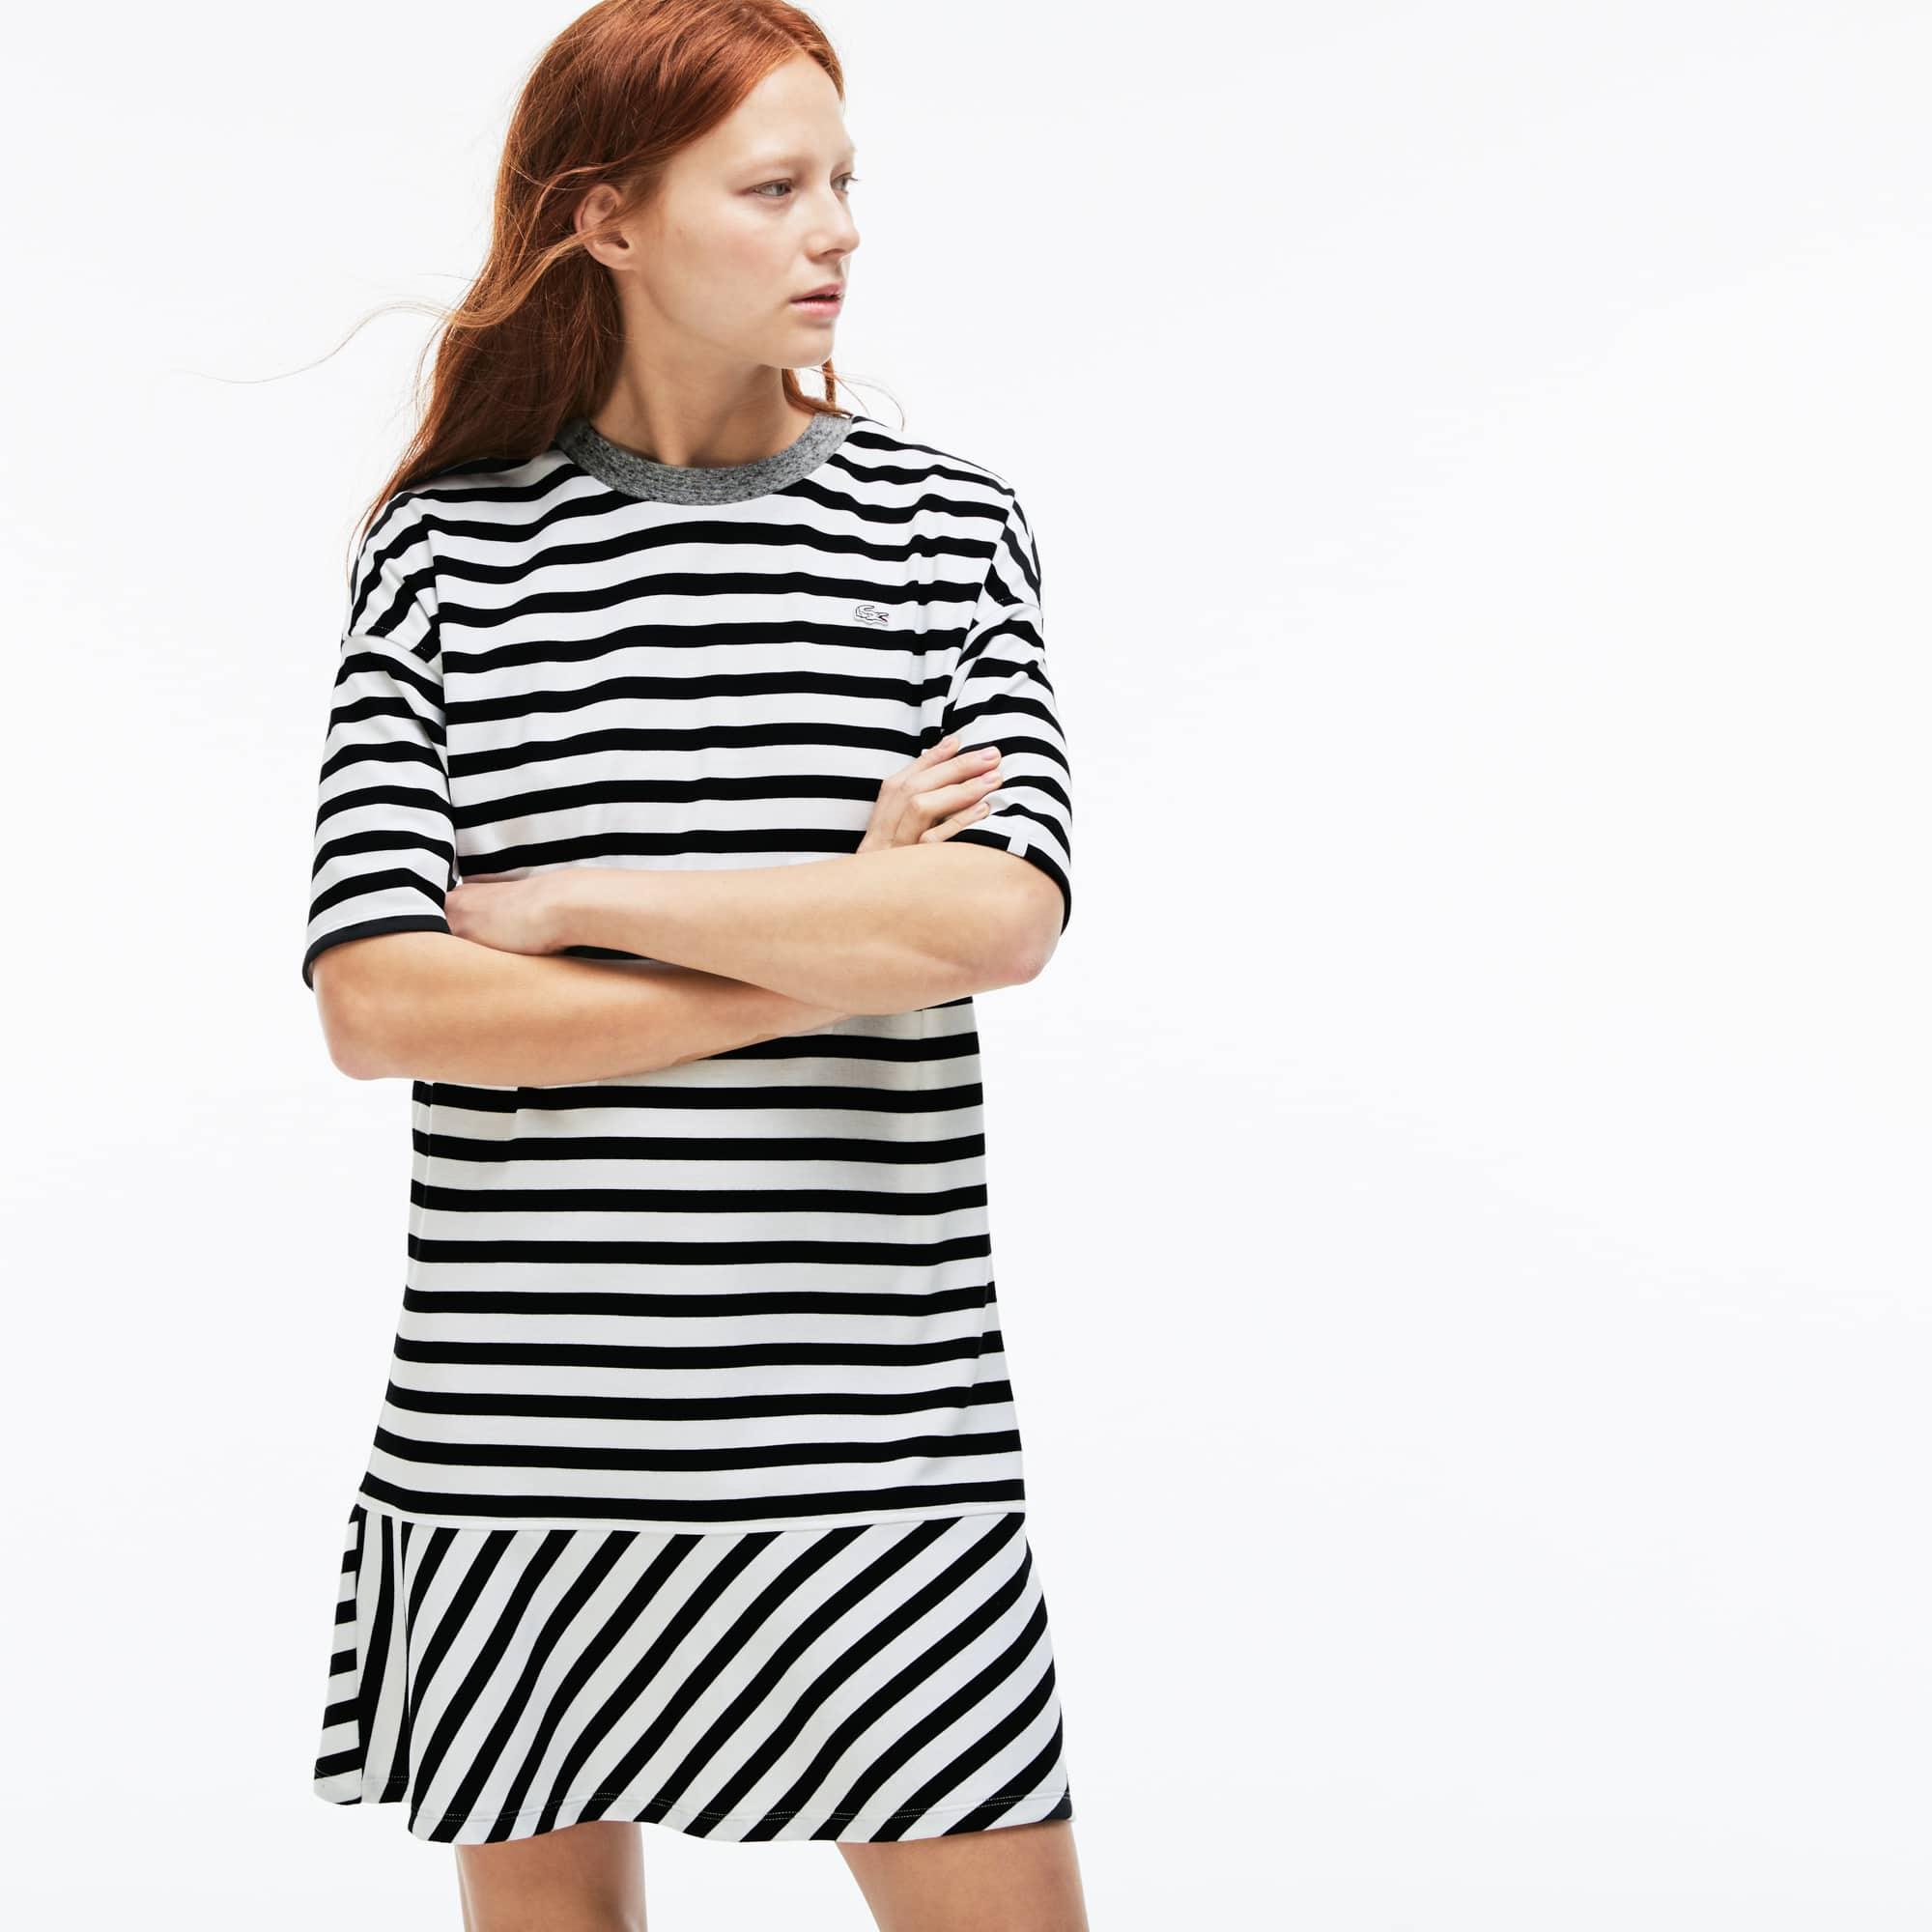 Vestido marinheiro Lacoste LIVE em jersey com acabamentos a contrastar